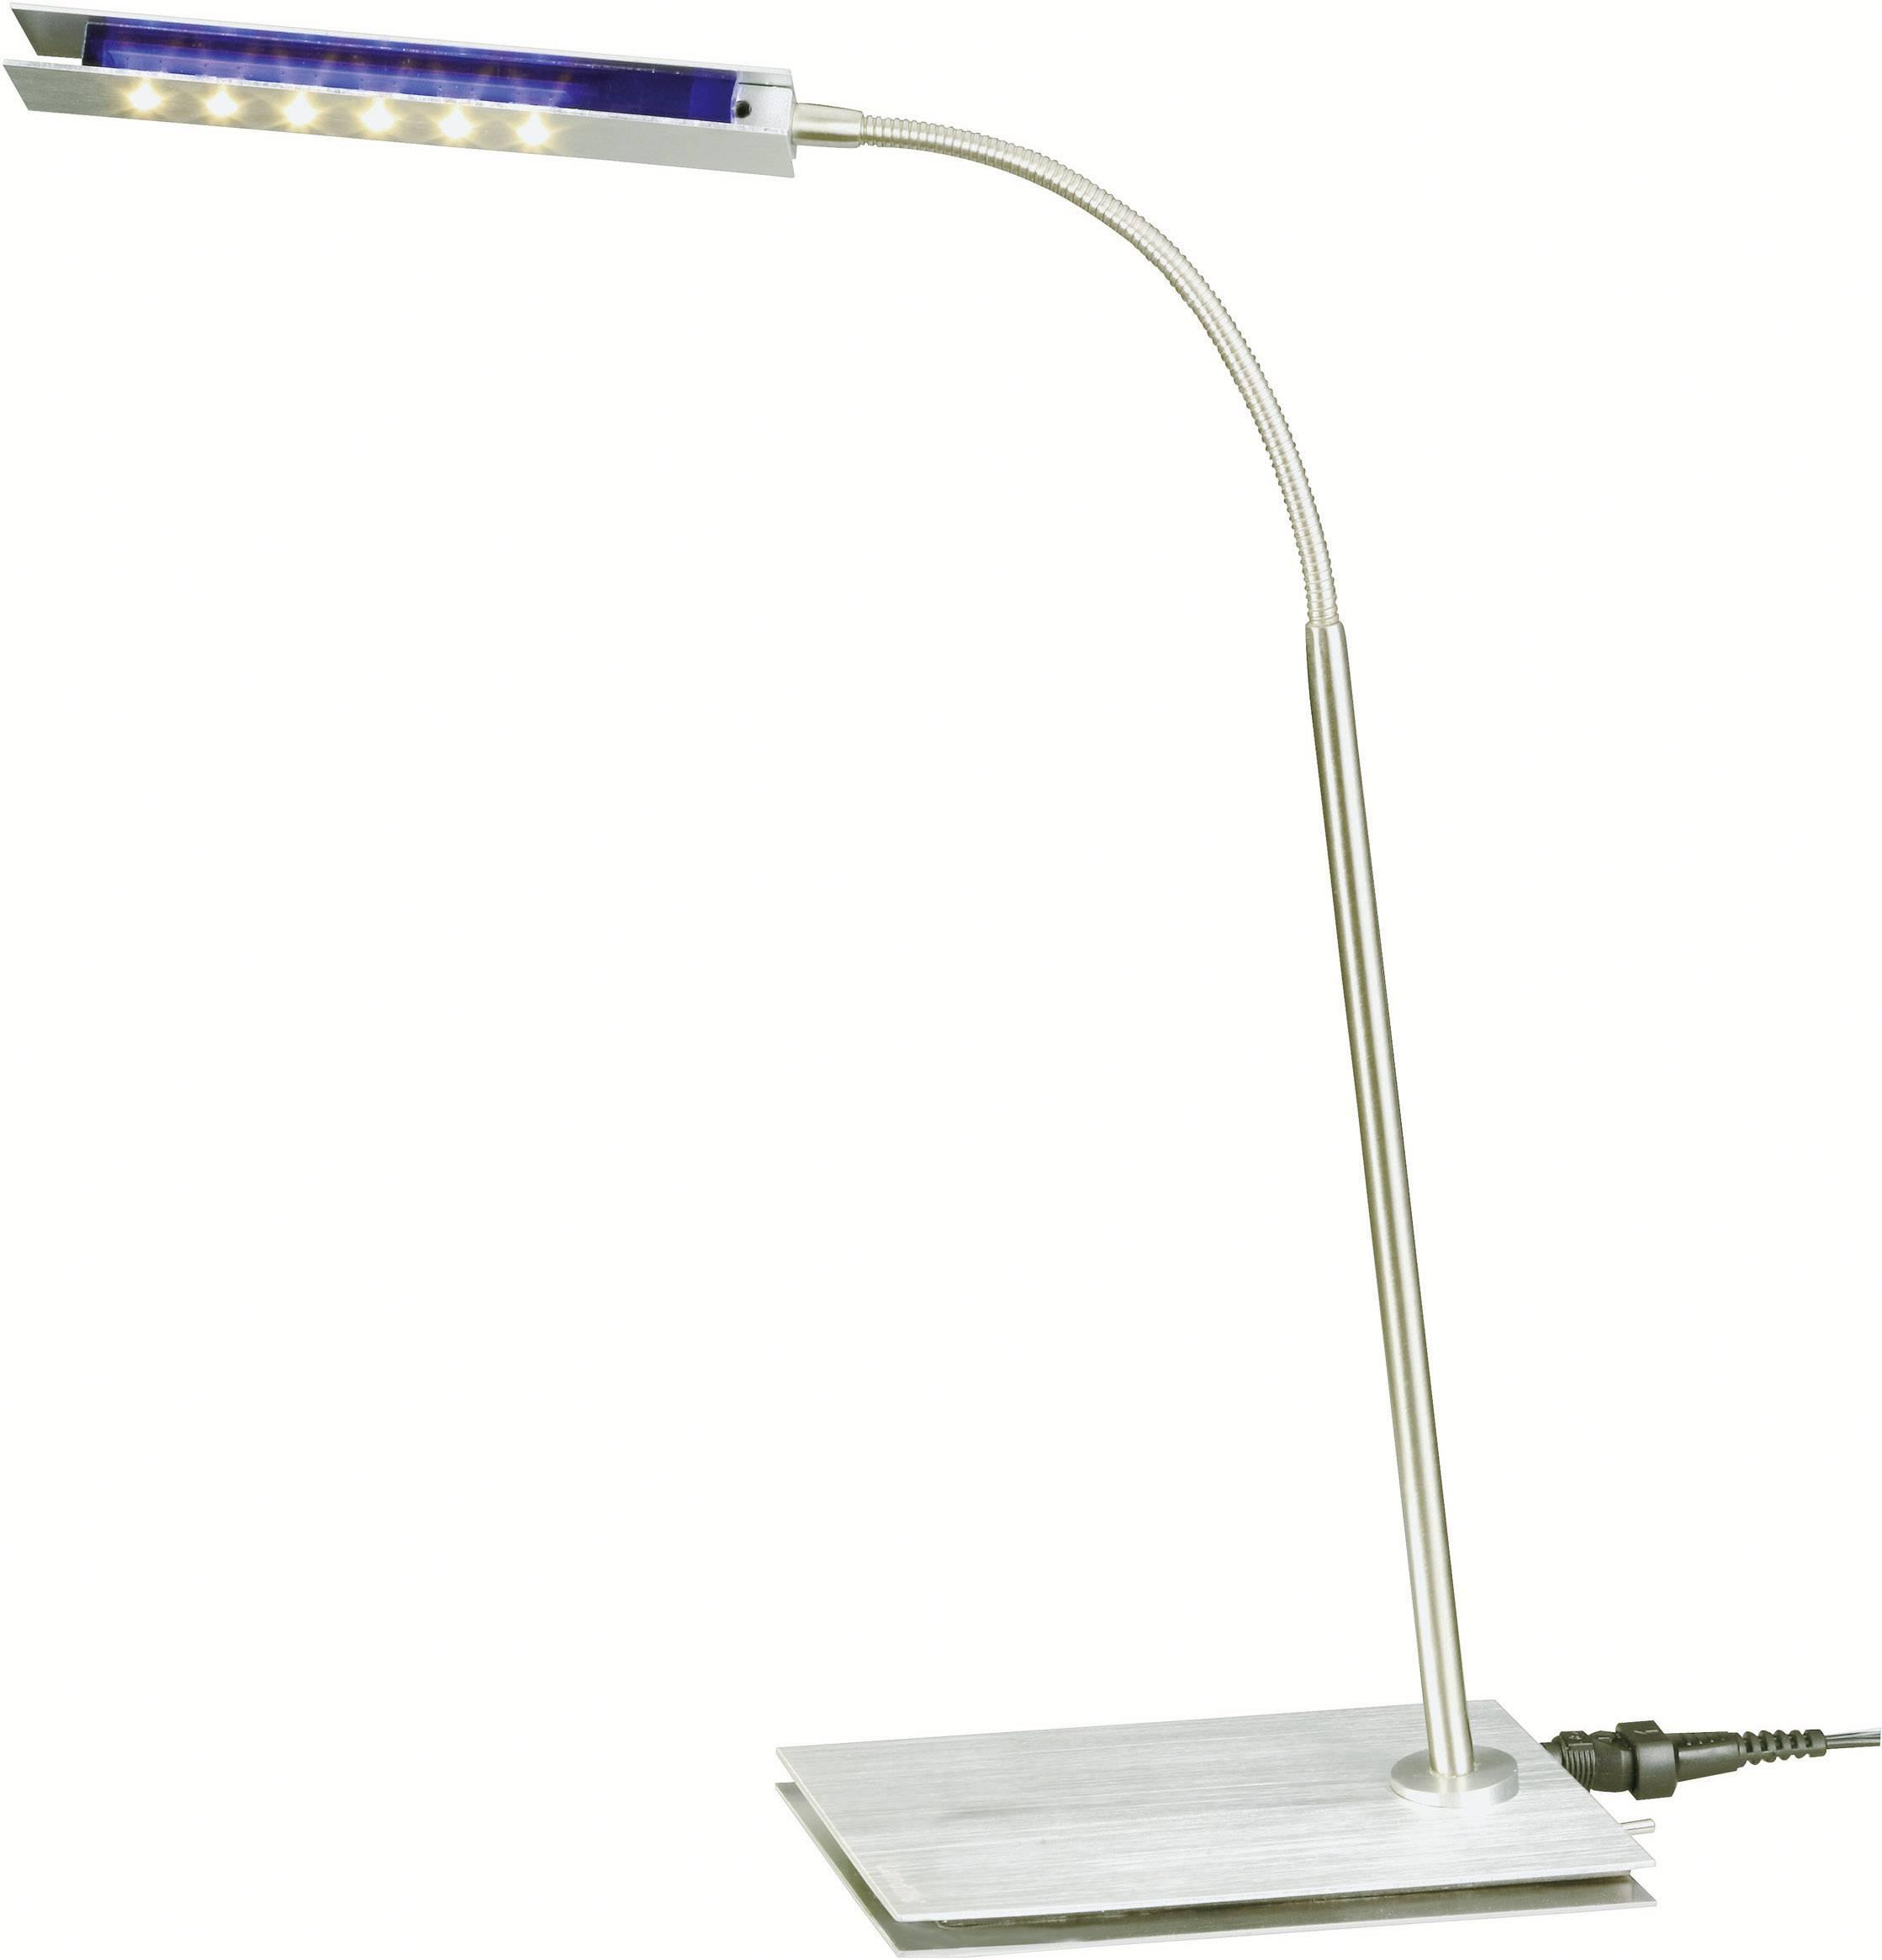 Stolní lampy a USB příslušenství